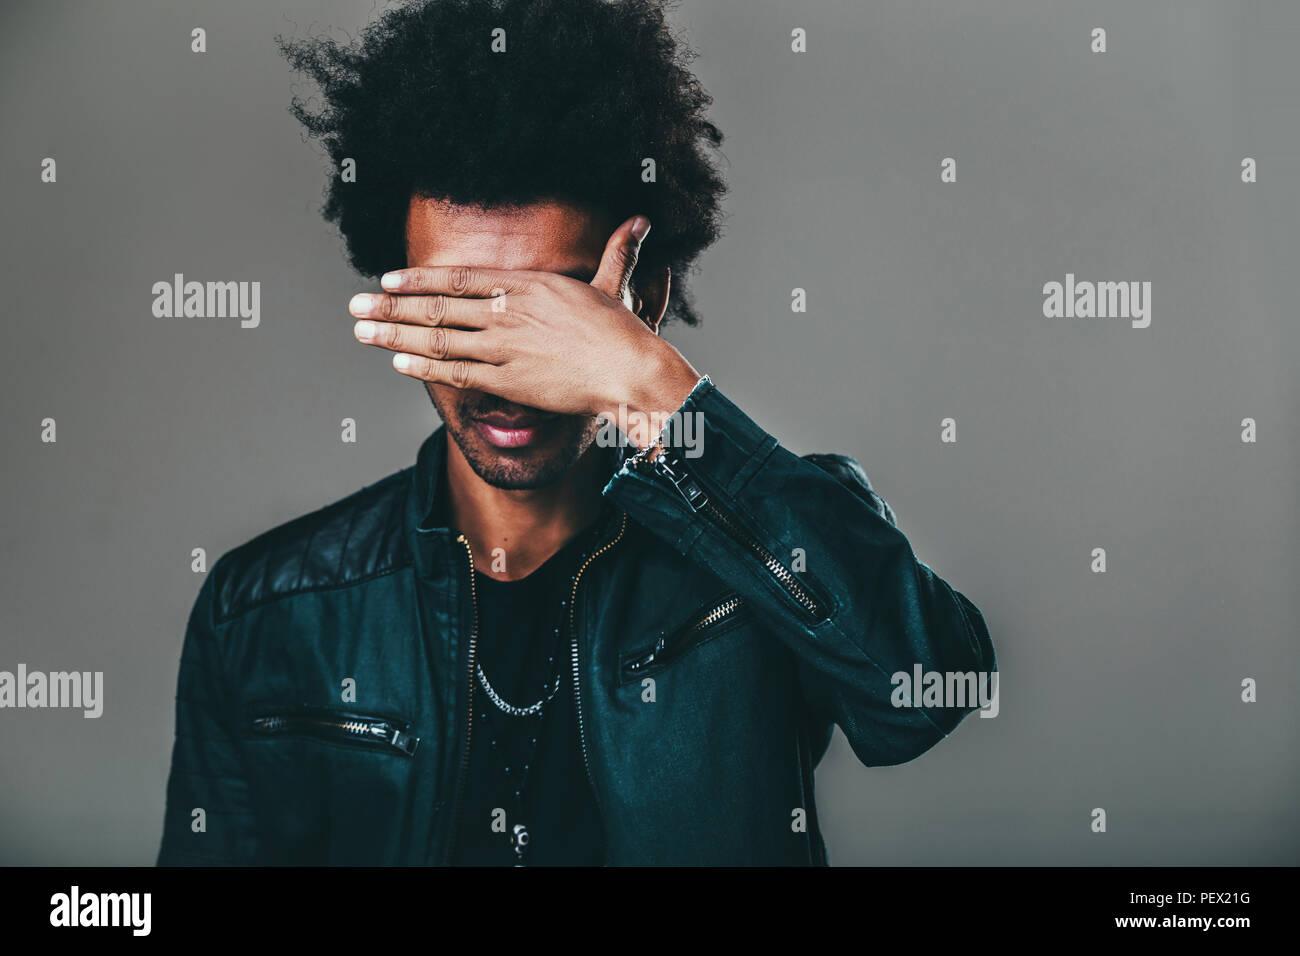 Nicht erkennbare unrasiert afrikanische amerikanische Mann mit zerzausten Haare macht facepalm Geste, die Augen während schäme, stehend gegen leere St Stockbild